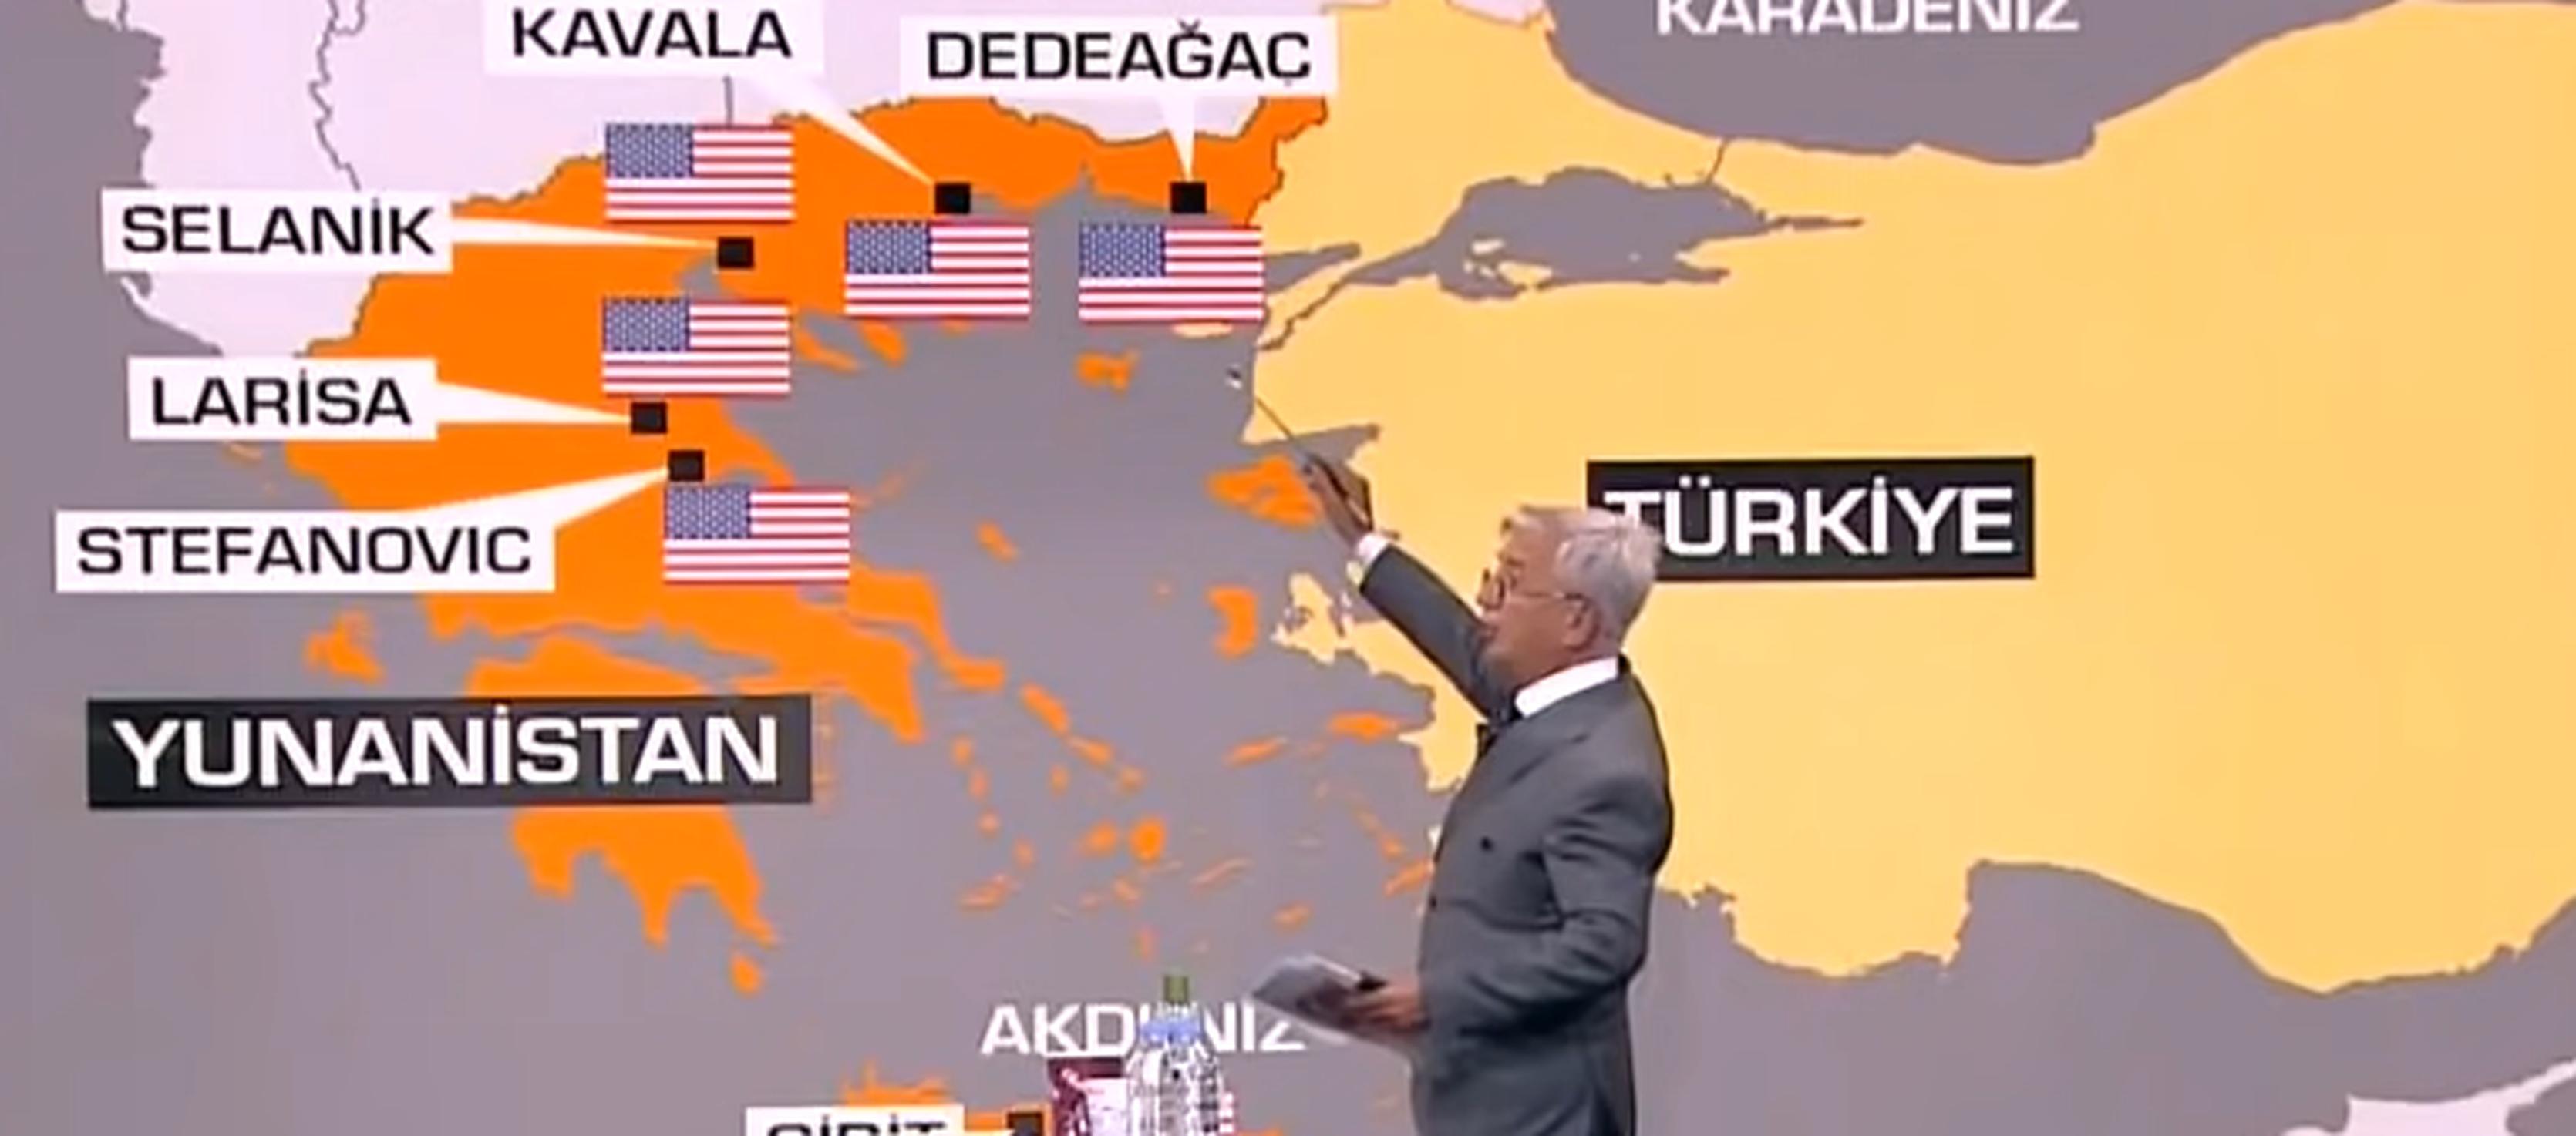 VIDEO| Consilierul lui Erdogan amenință Grecia cu războiul și spune că premierul grec este bătut în cap